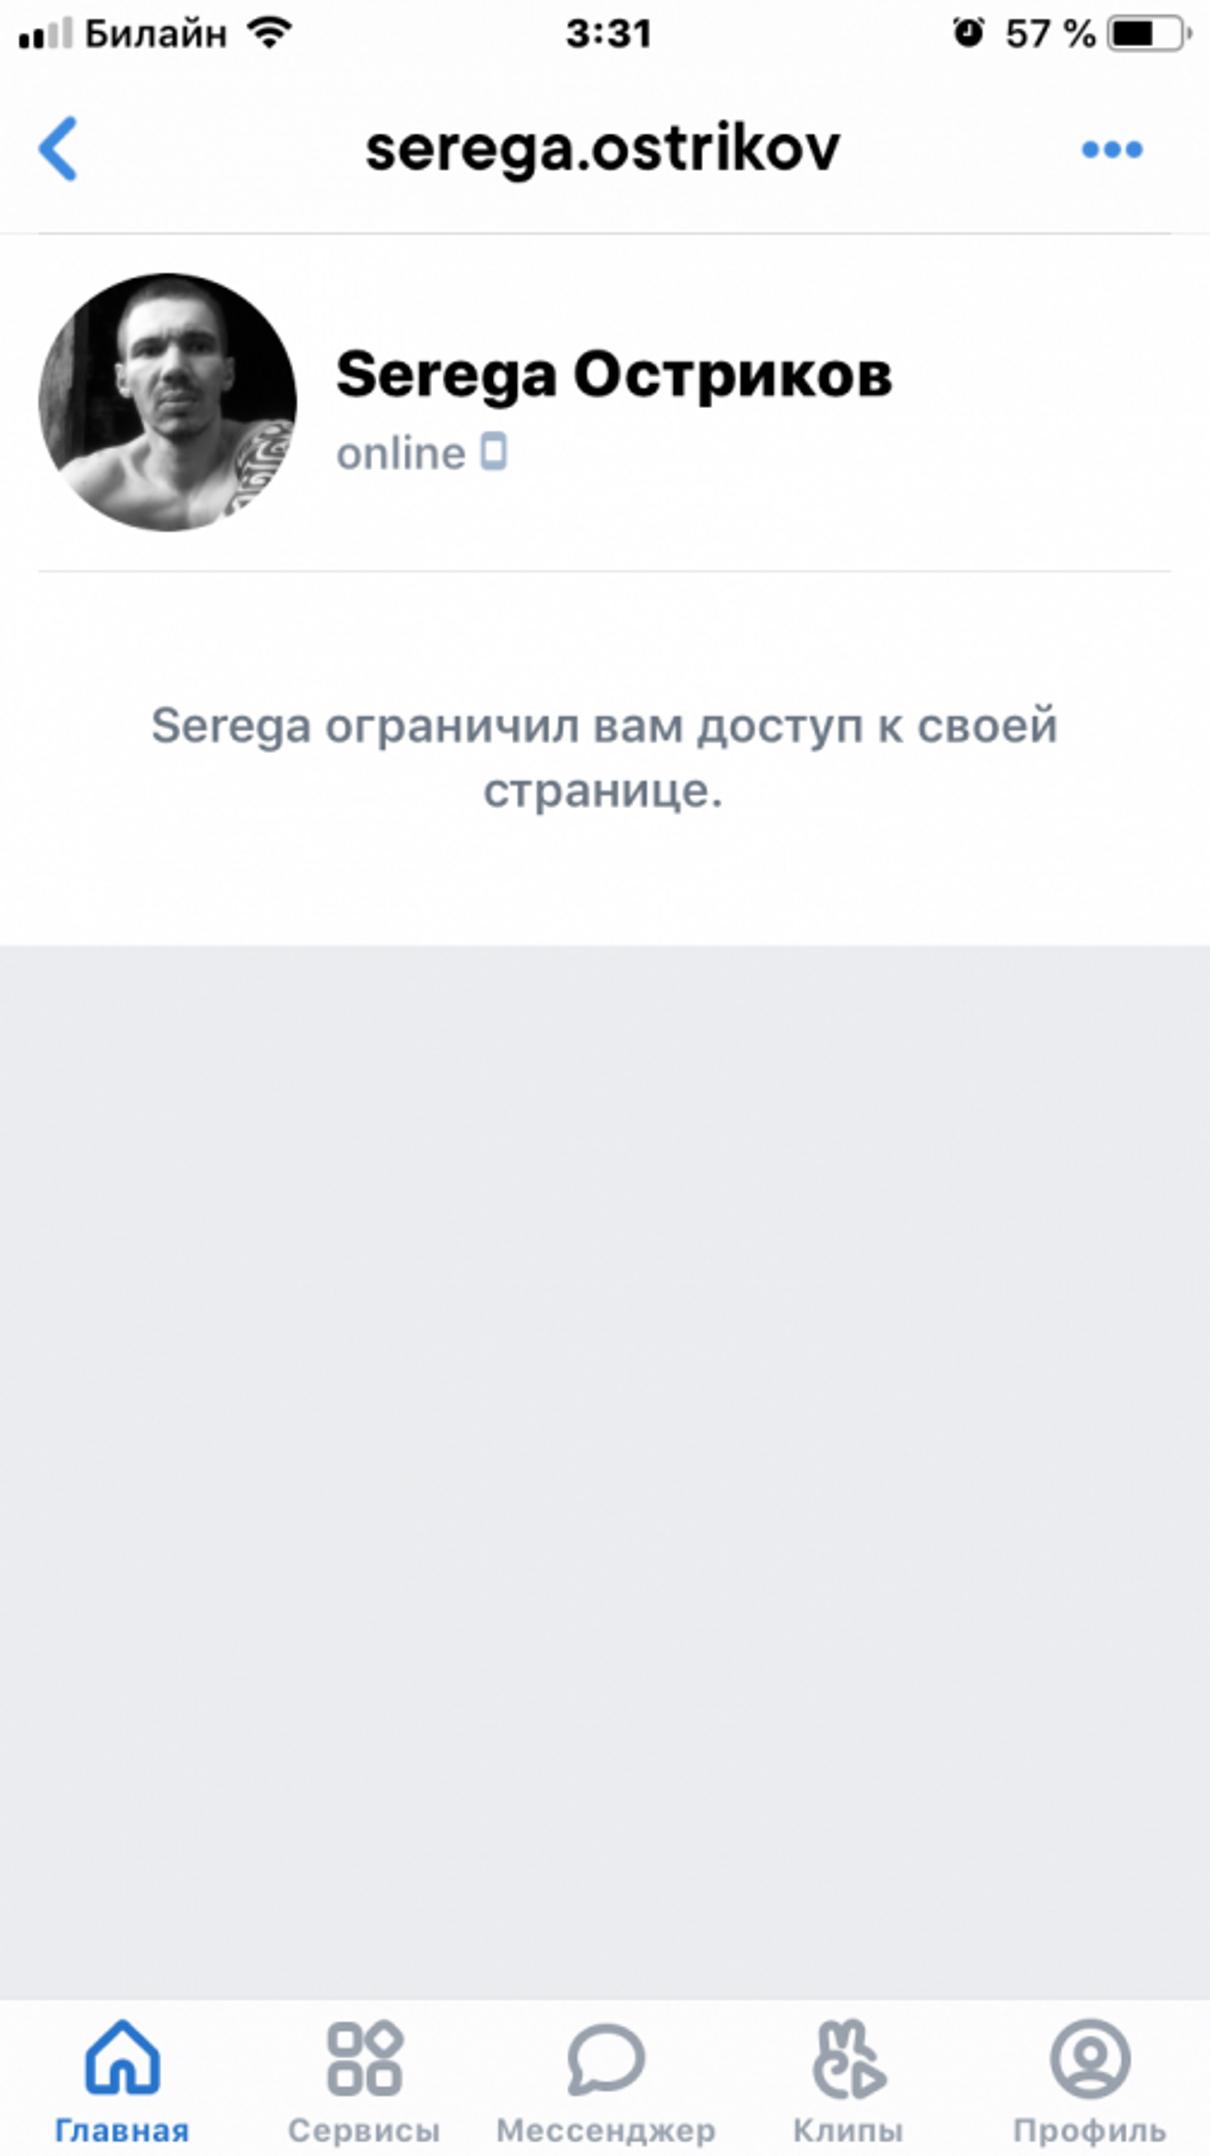 Жалоба-отзыв: Сергей Остриков - Кидает в интернете, берет предоплату.  Фото №1